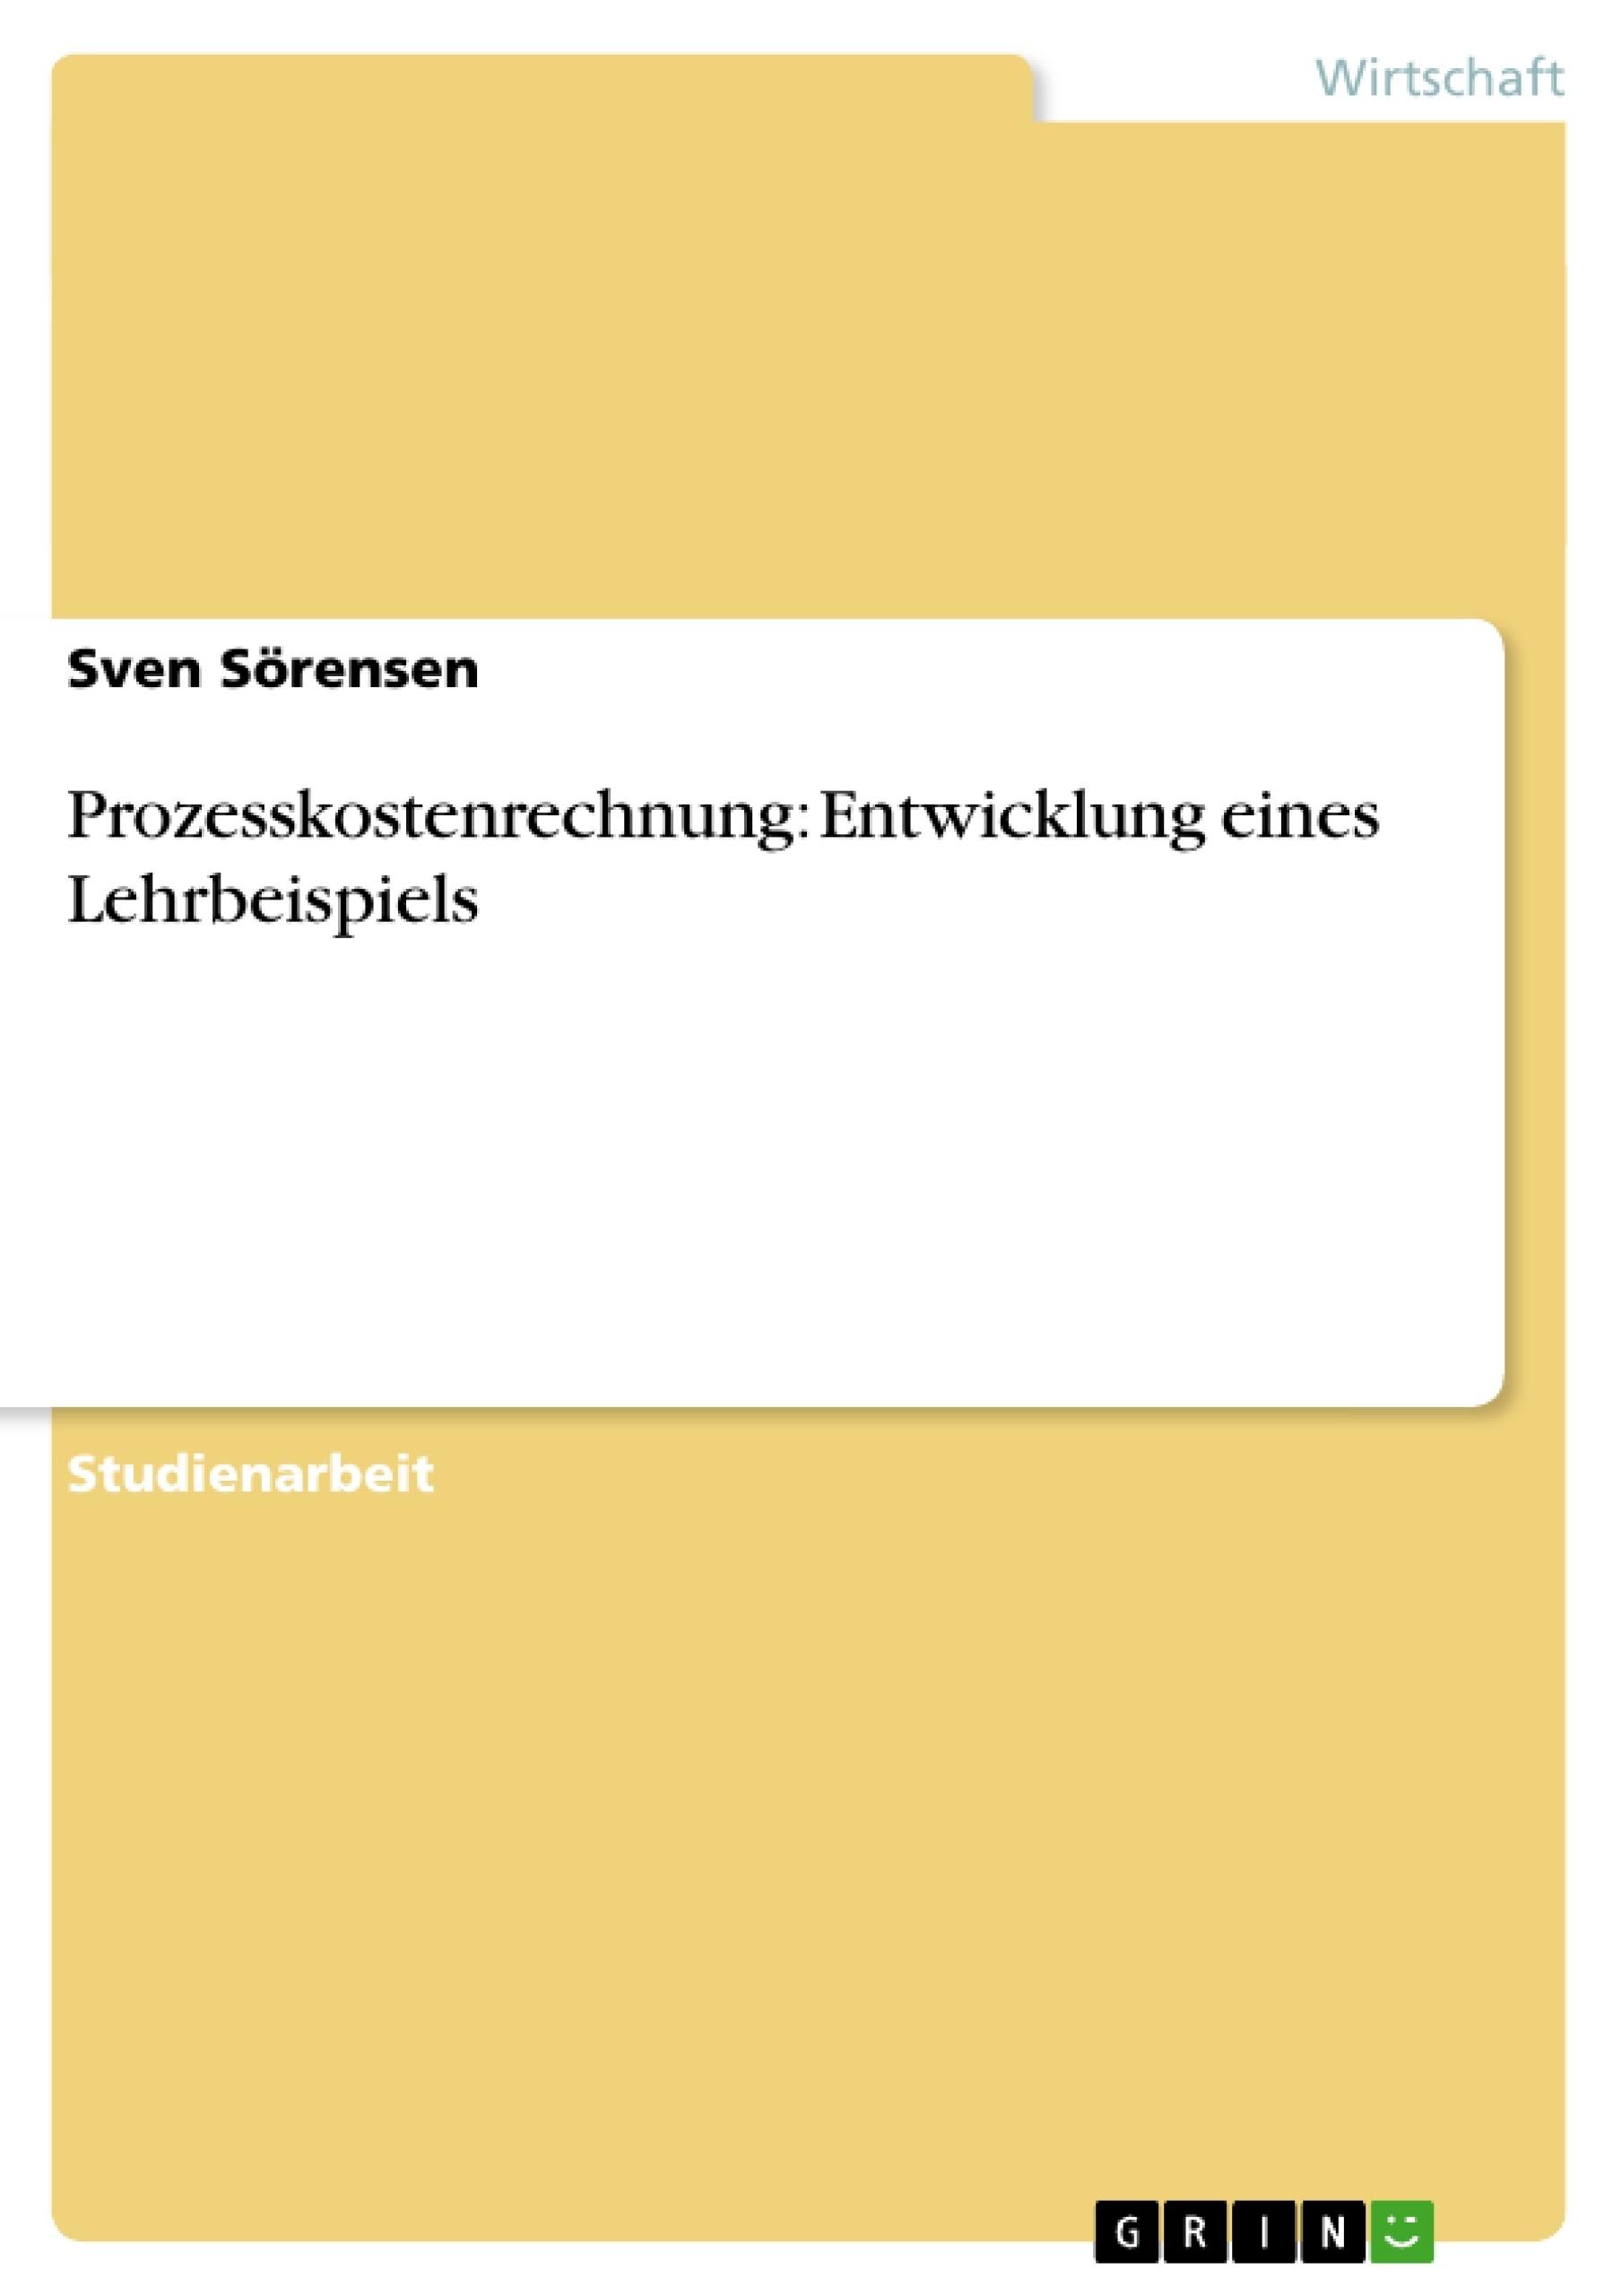 Titel: Prozesskostenrechnung: Entwicklung eines Lehrbeispiels